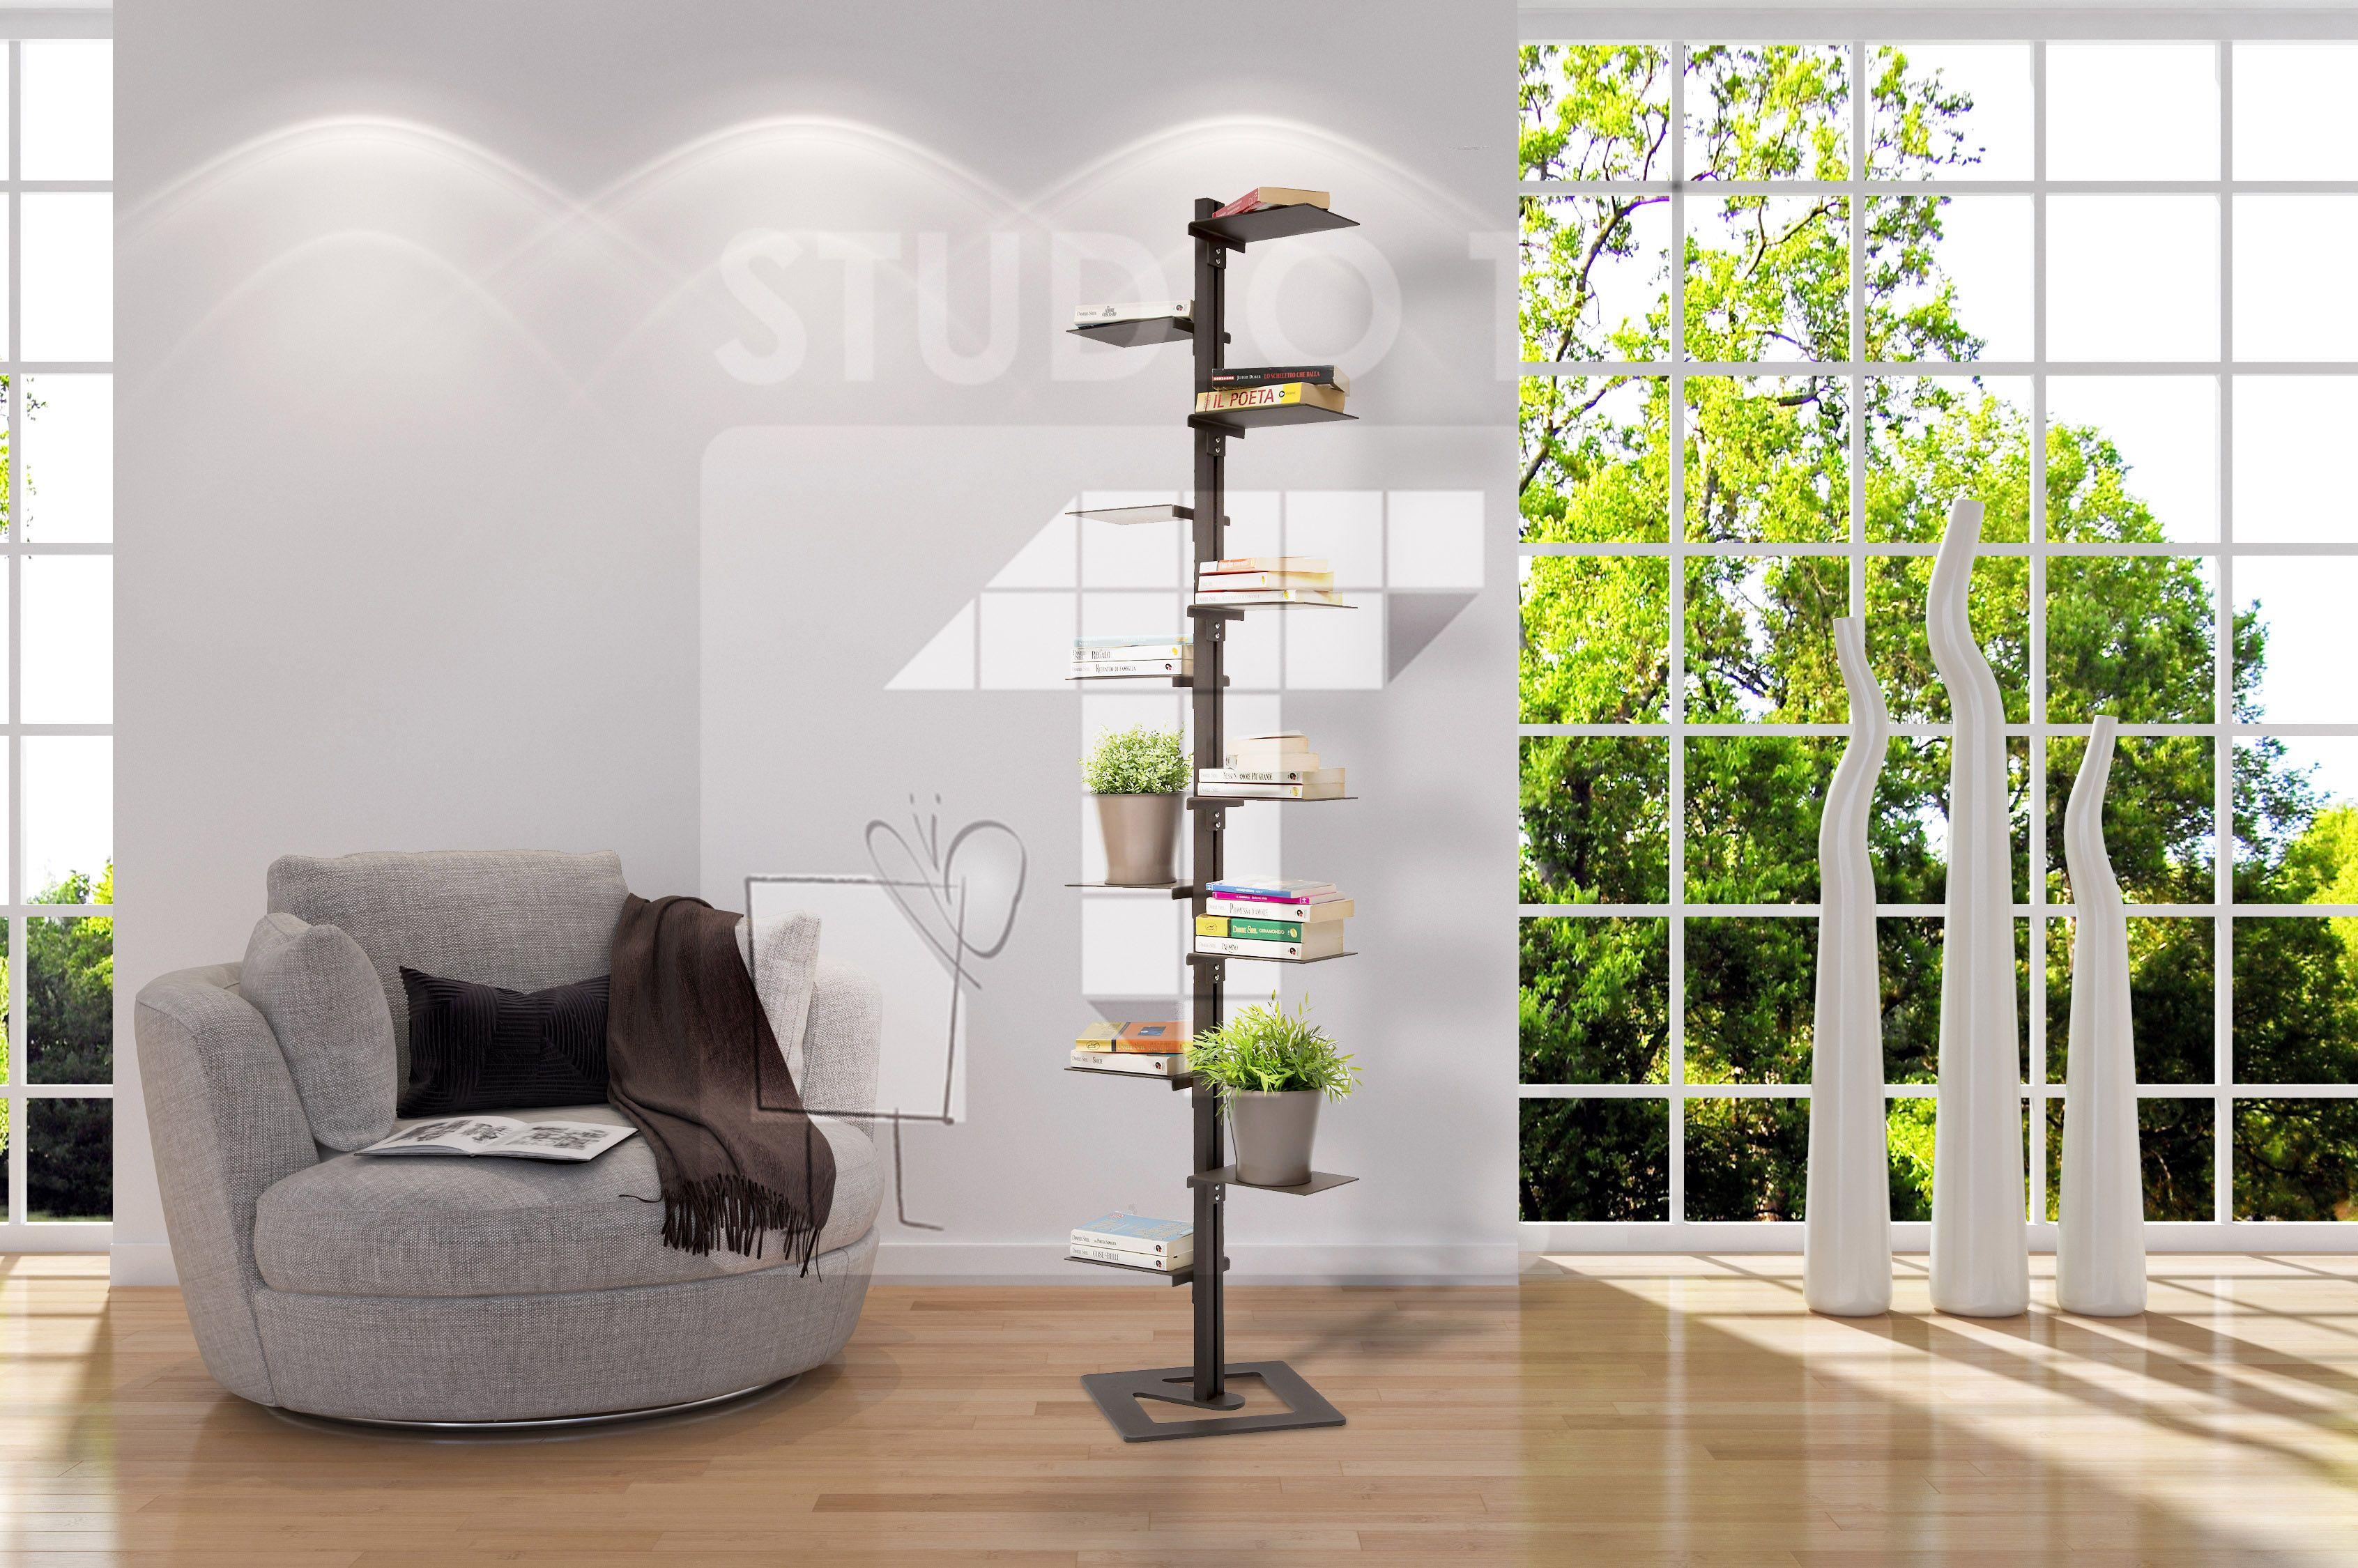 Ufficio In Poco Spazio : Porta piante mr. green per interno ed esterno per realizzare in poco